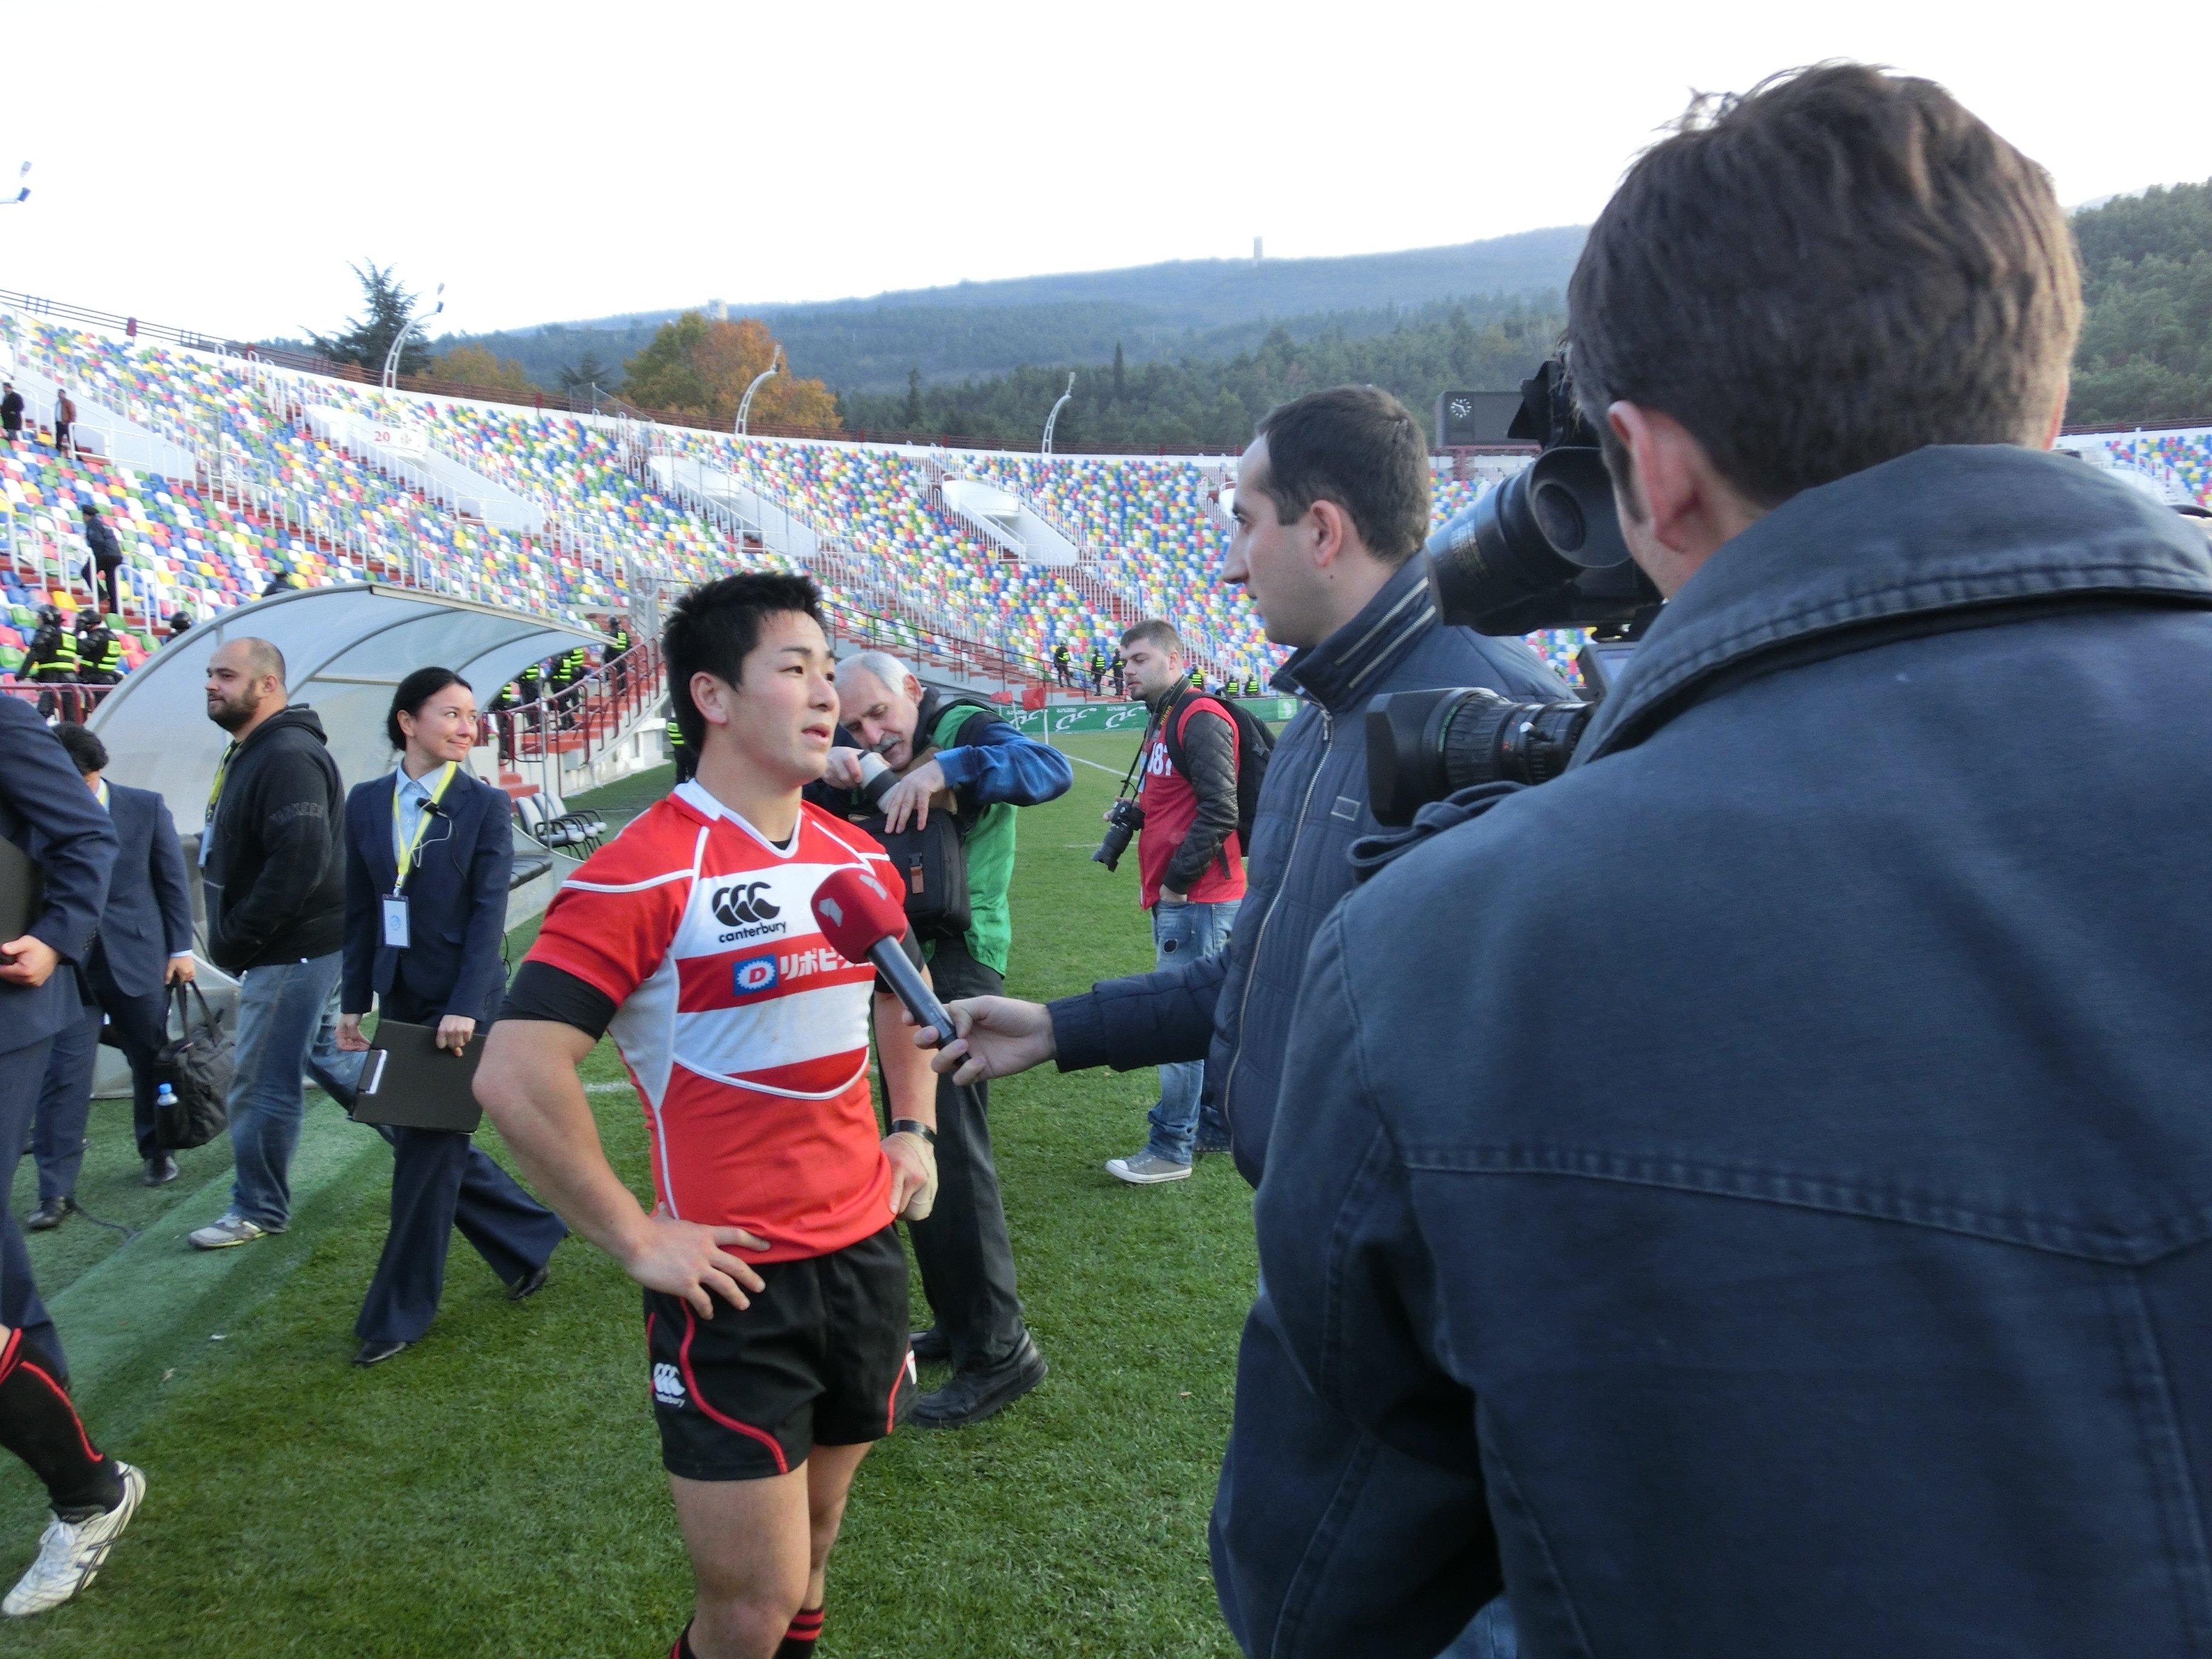 自身のサヨナラDGでジョージアに勝利した後、インタビューに応える小野晃征。英語が堪能な司令塔は海外メディアにとって貴重な存在だった(2012年) ©︎Nobuhiko Otomo